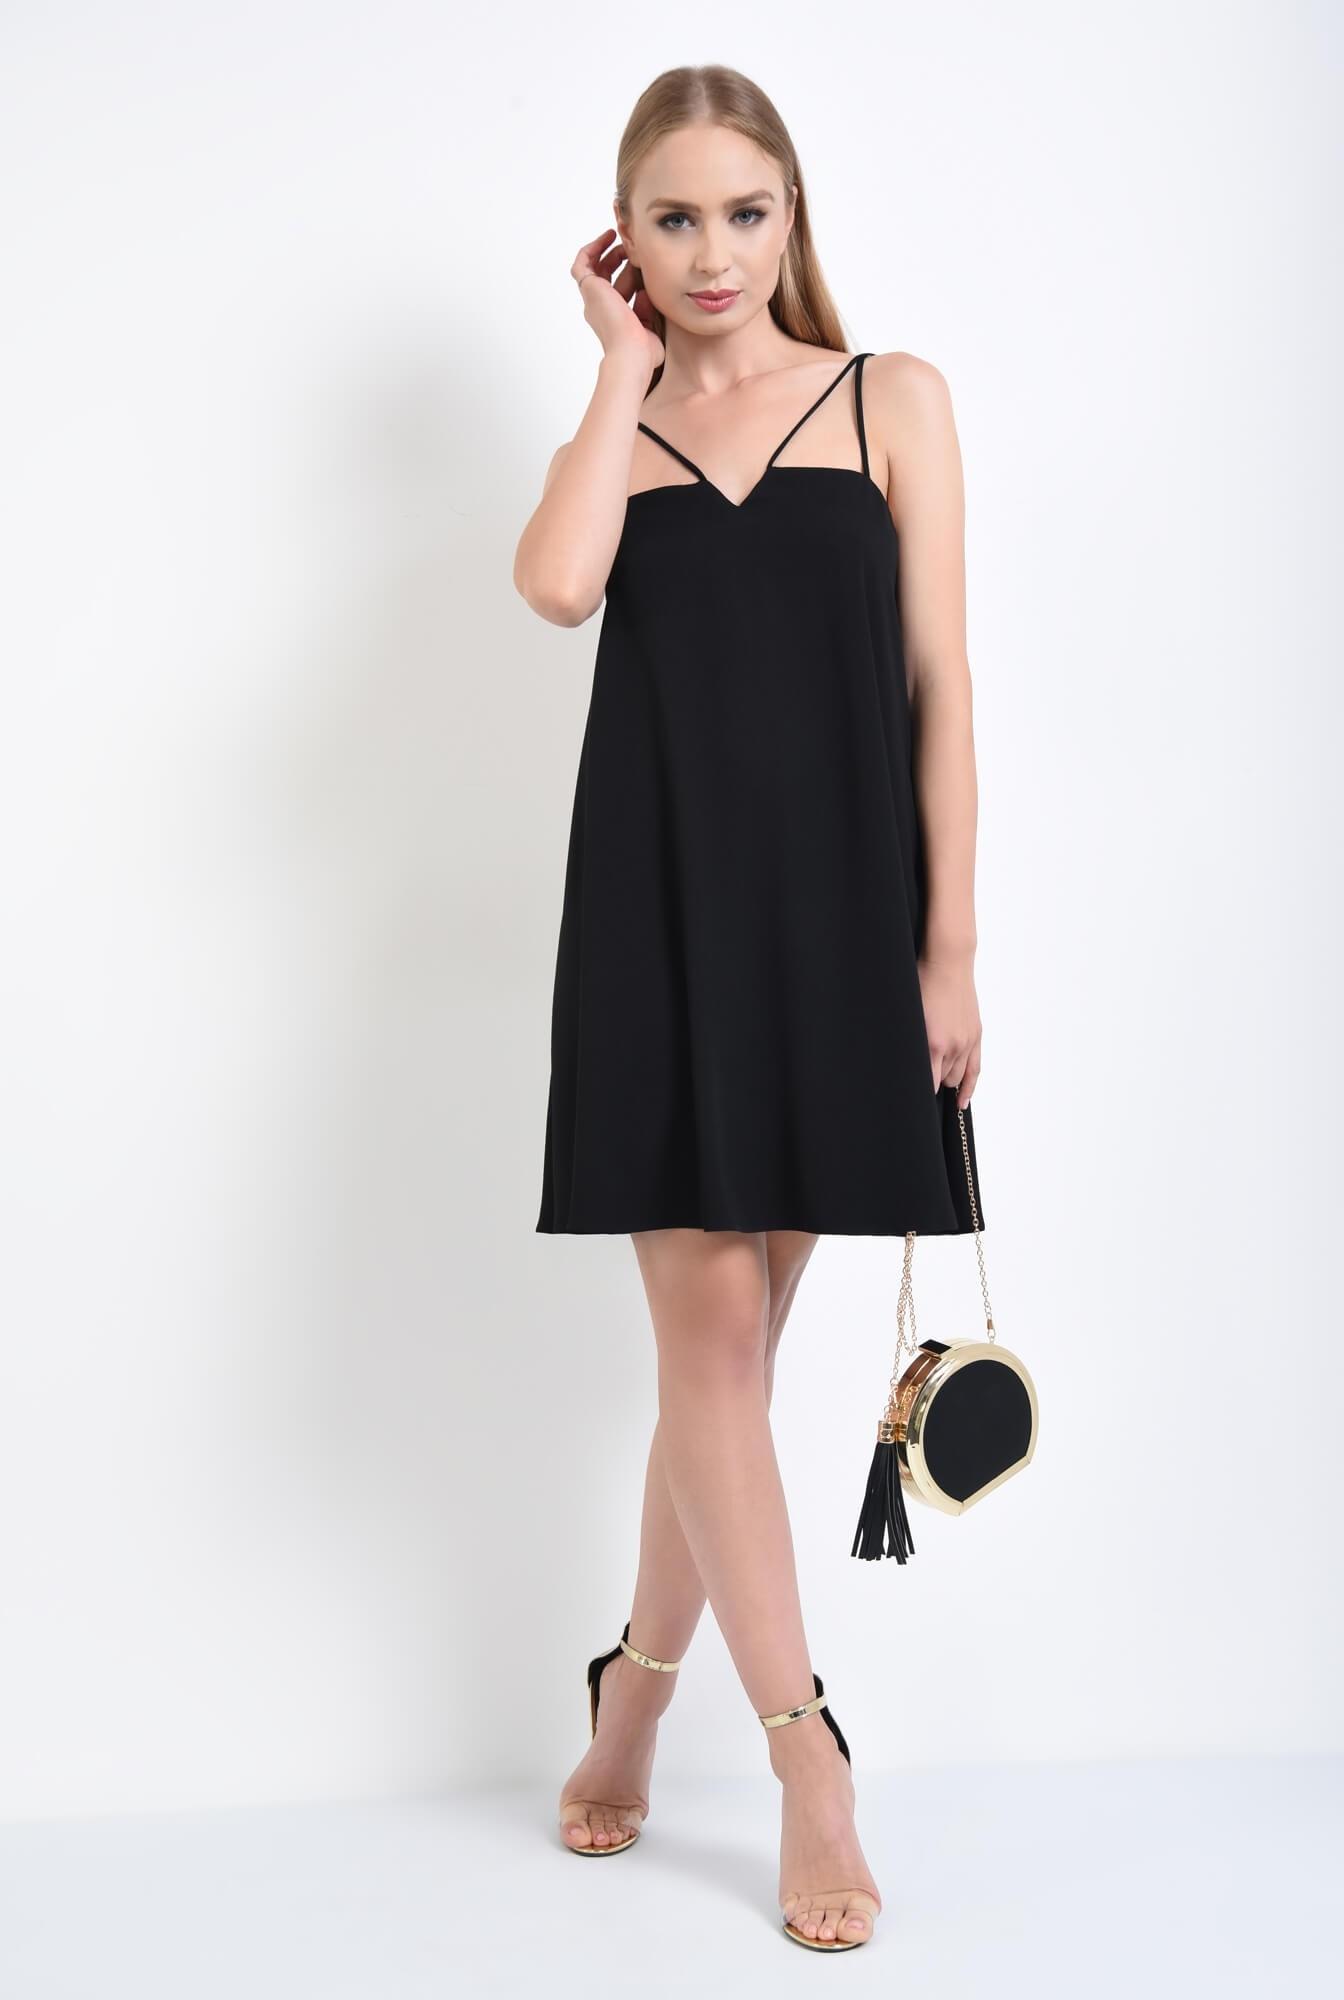 3 - rochie eleganta, scurta, evazata, neagra